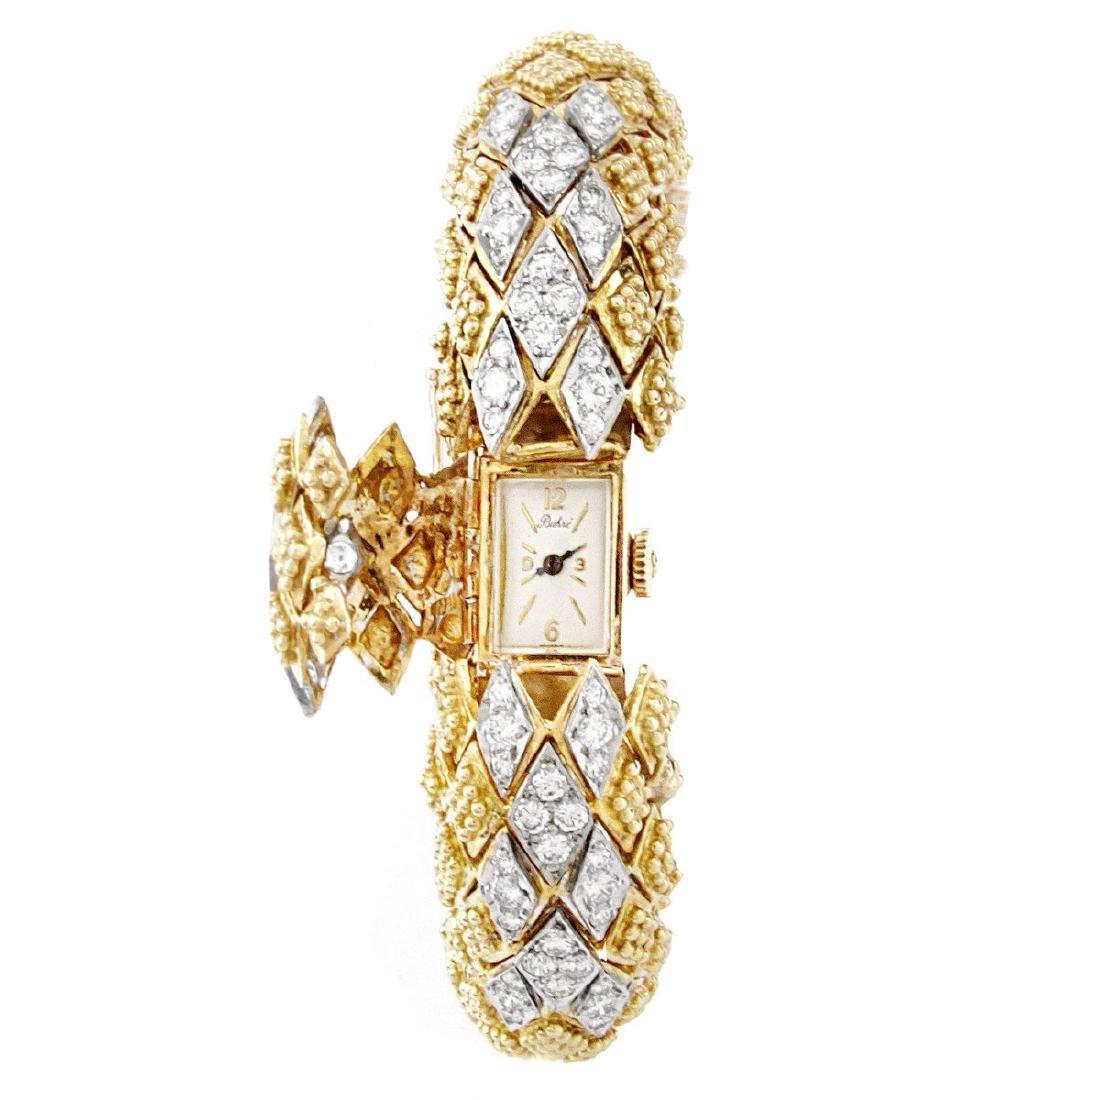 Vintage Diamond and 18K Gold Bracelet Watch